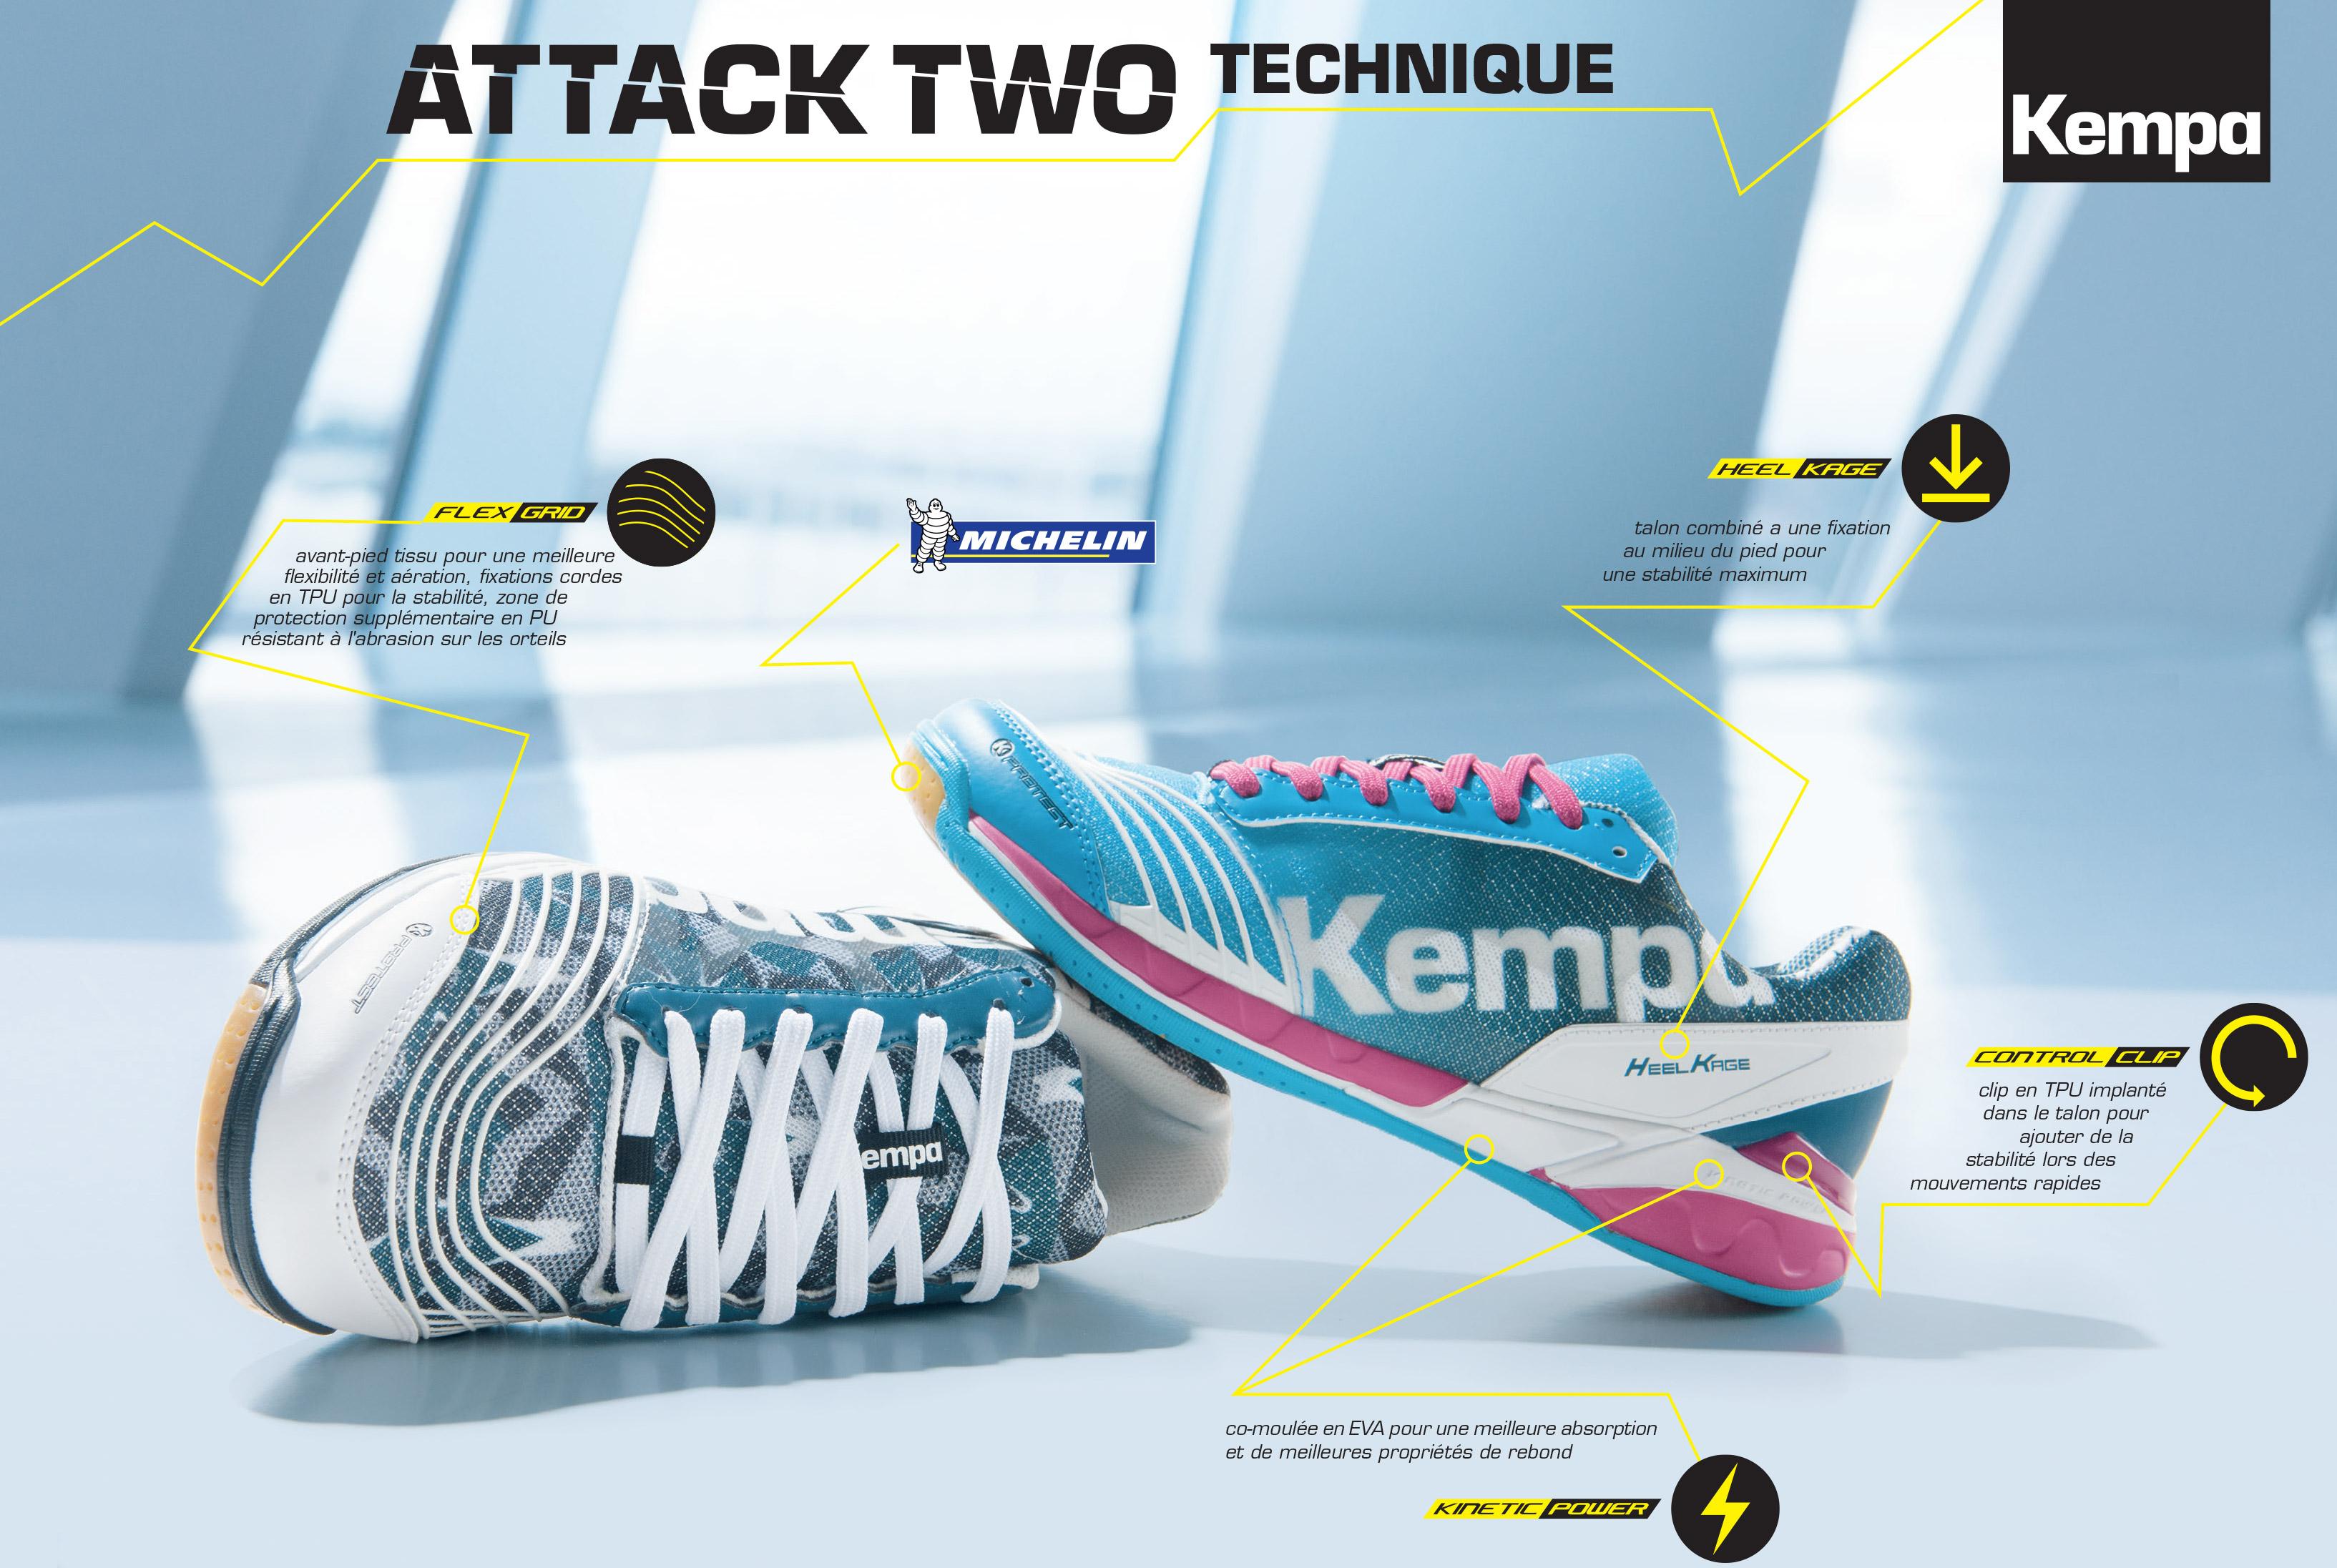 attack-two-kempa-technique.jpg